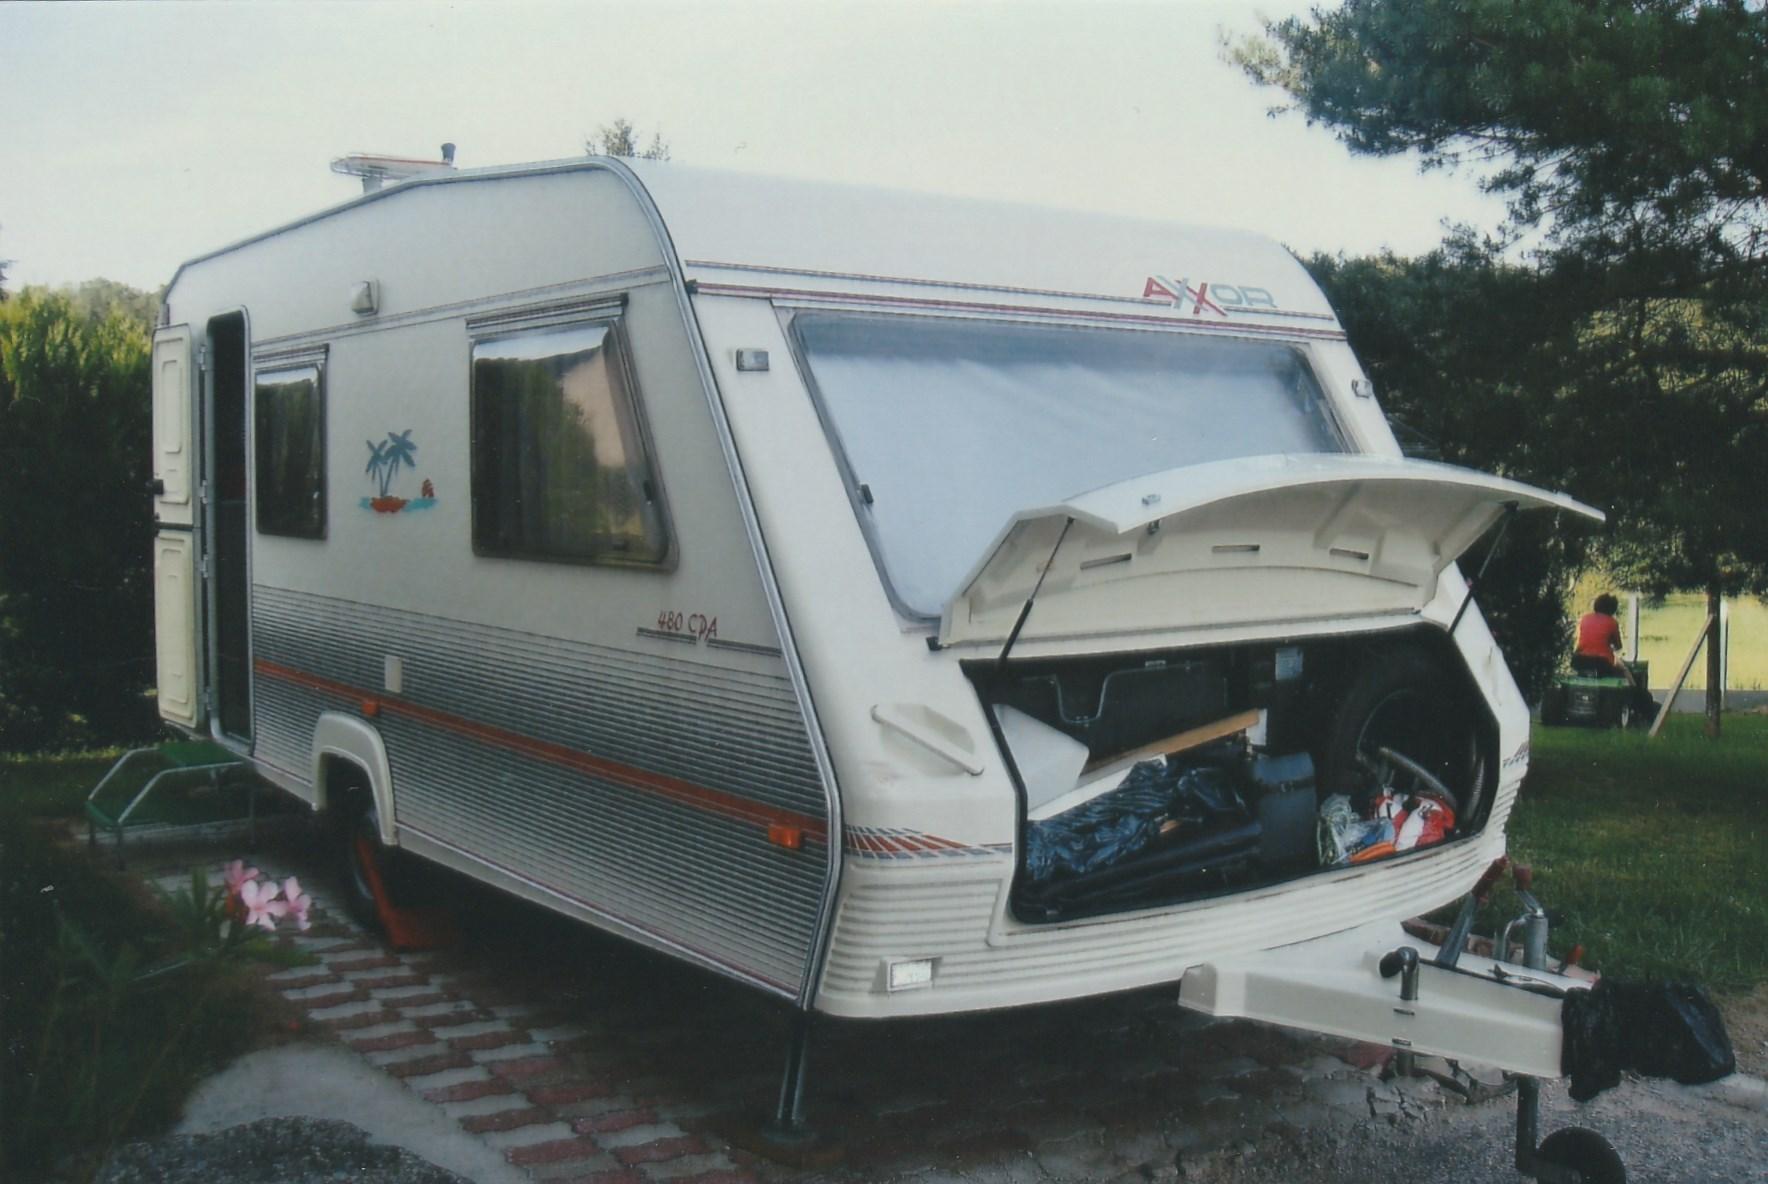 Caravane occasion Axxor 460 Moréa